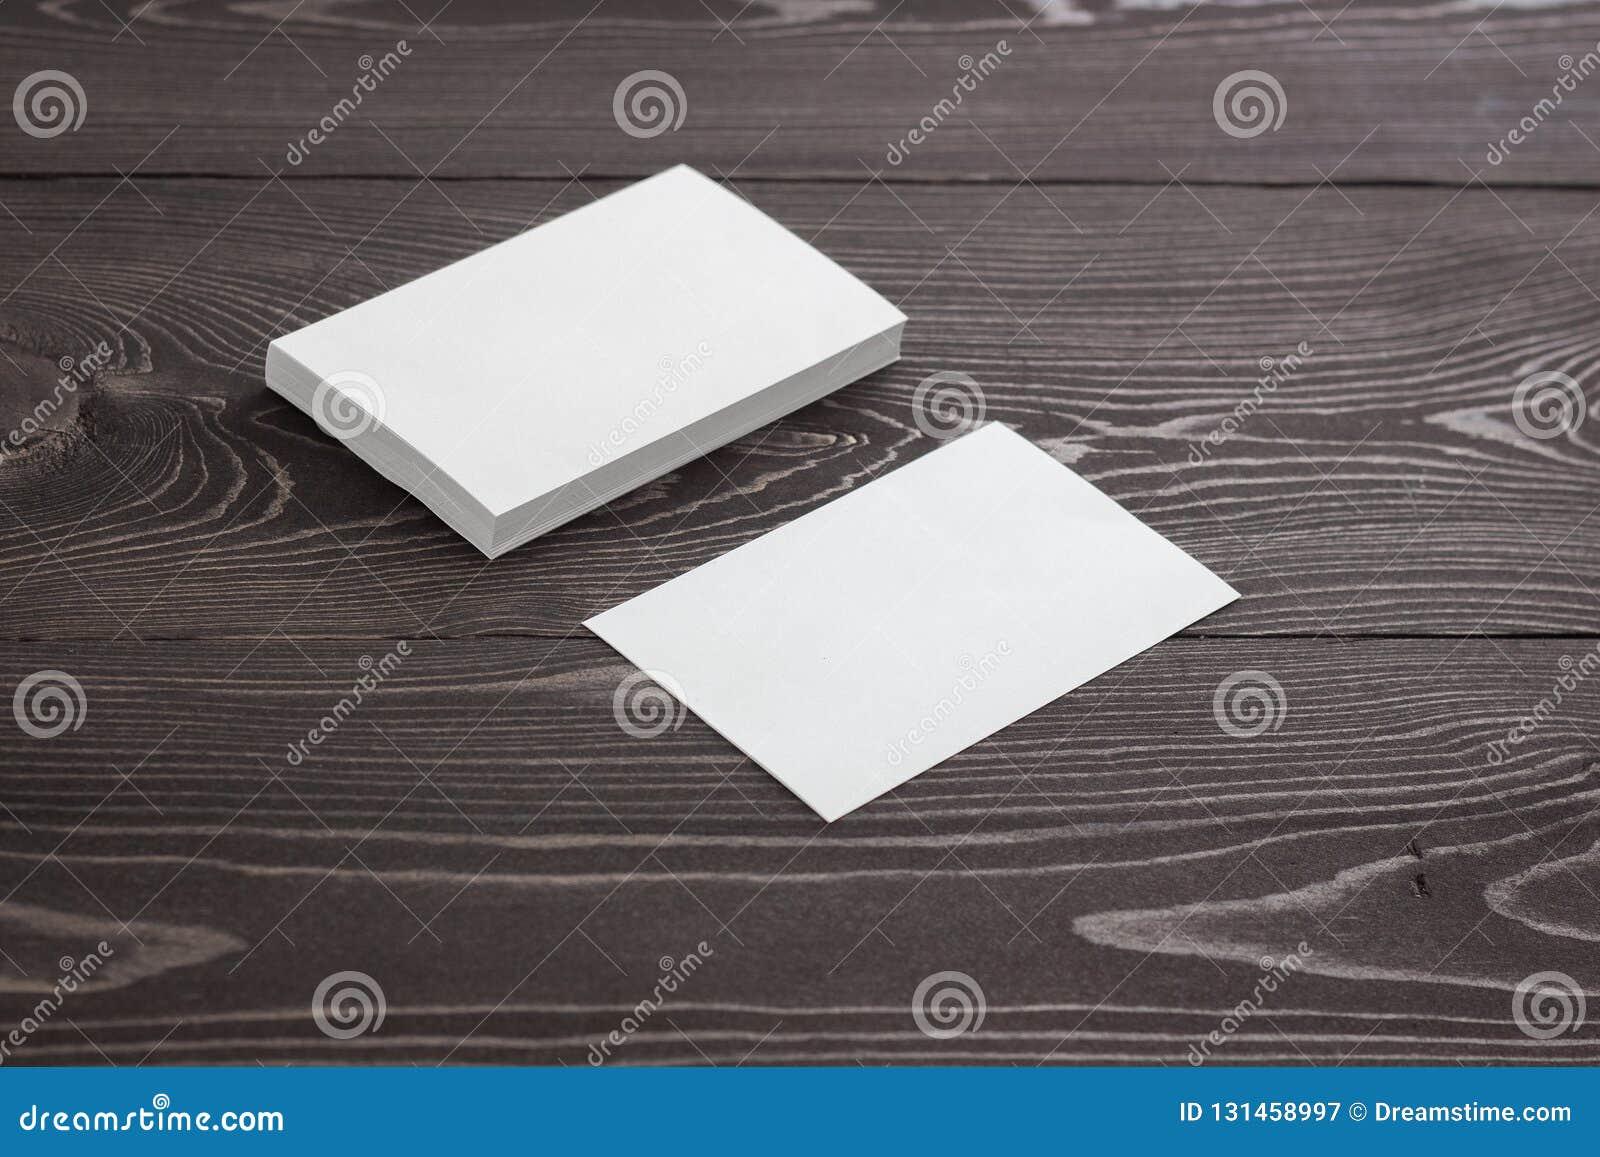 Maquette des cartes de visite professionnelle de visite, photo de pile de cartes de visite professionnelle de visite sur un fond